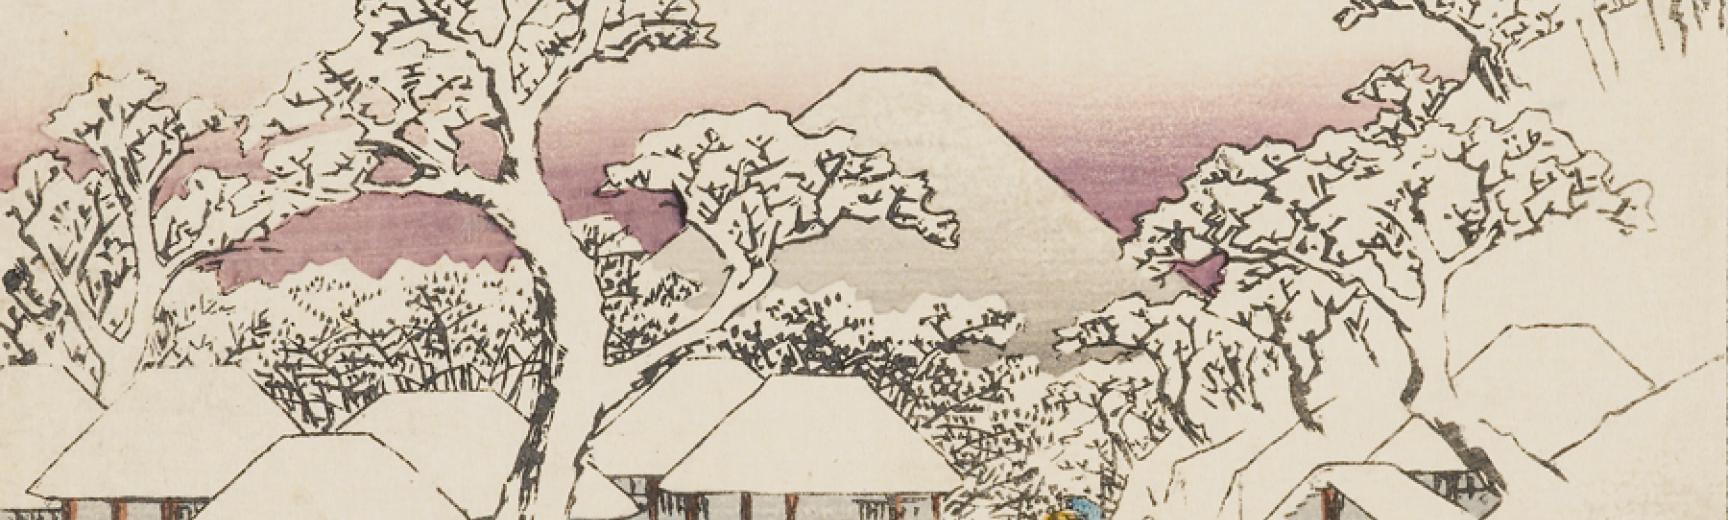 Shower of rain at Nihonbashi Bridge Hiroshige's Japan